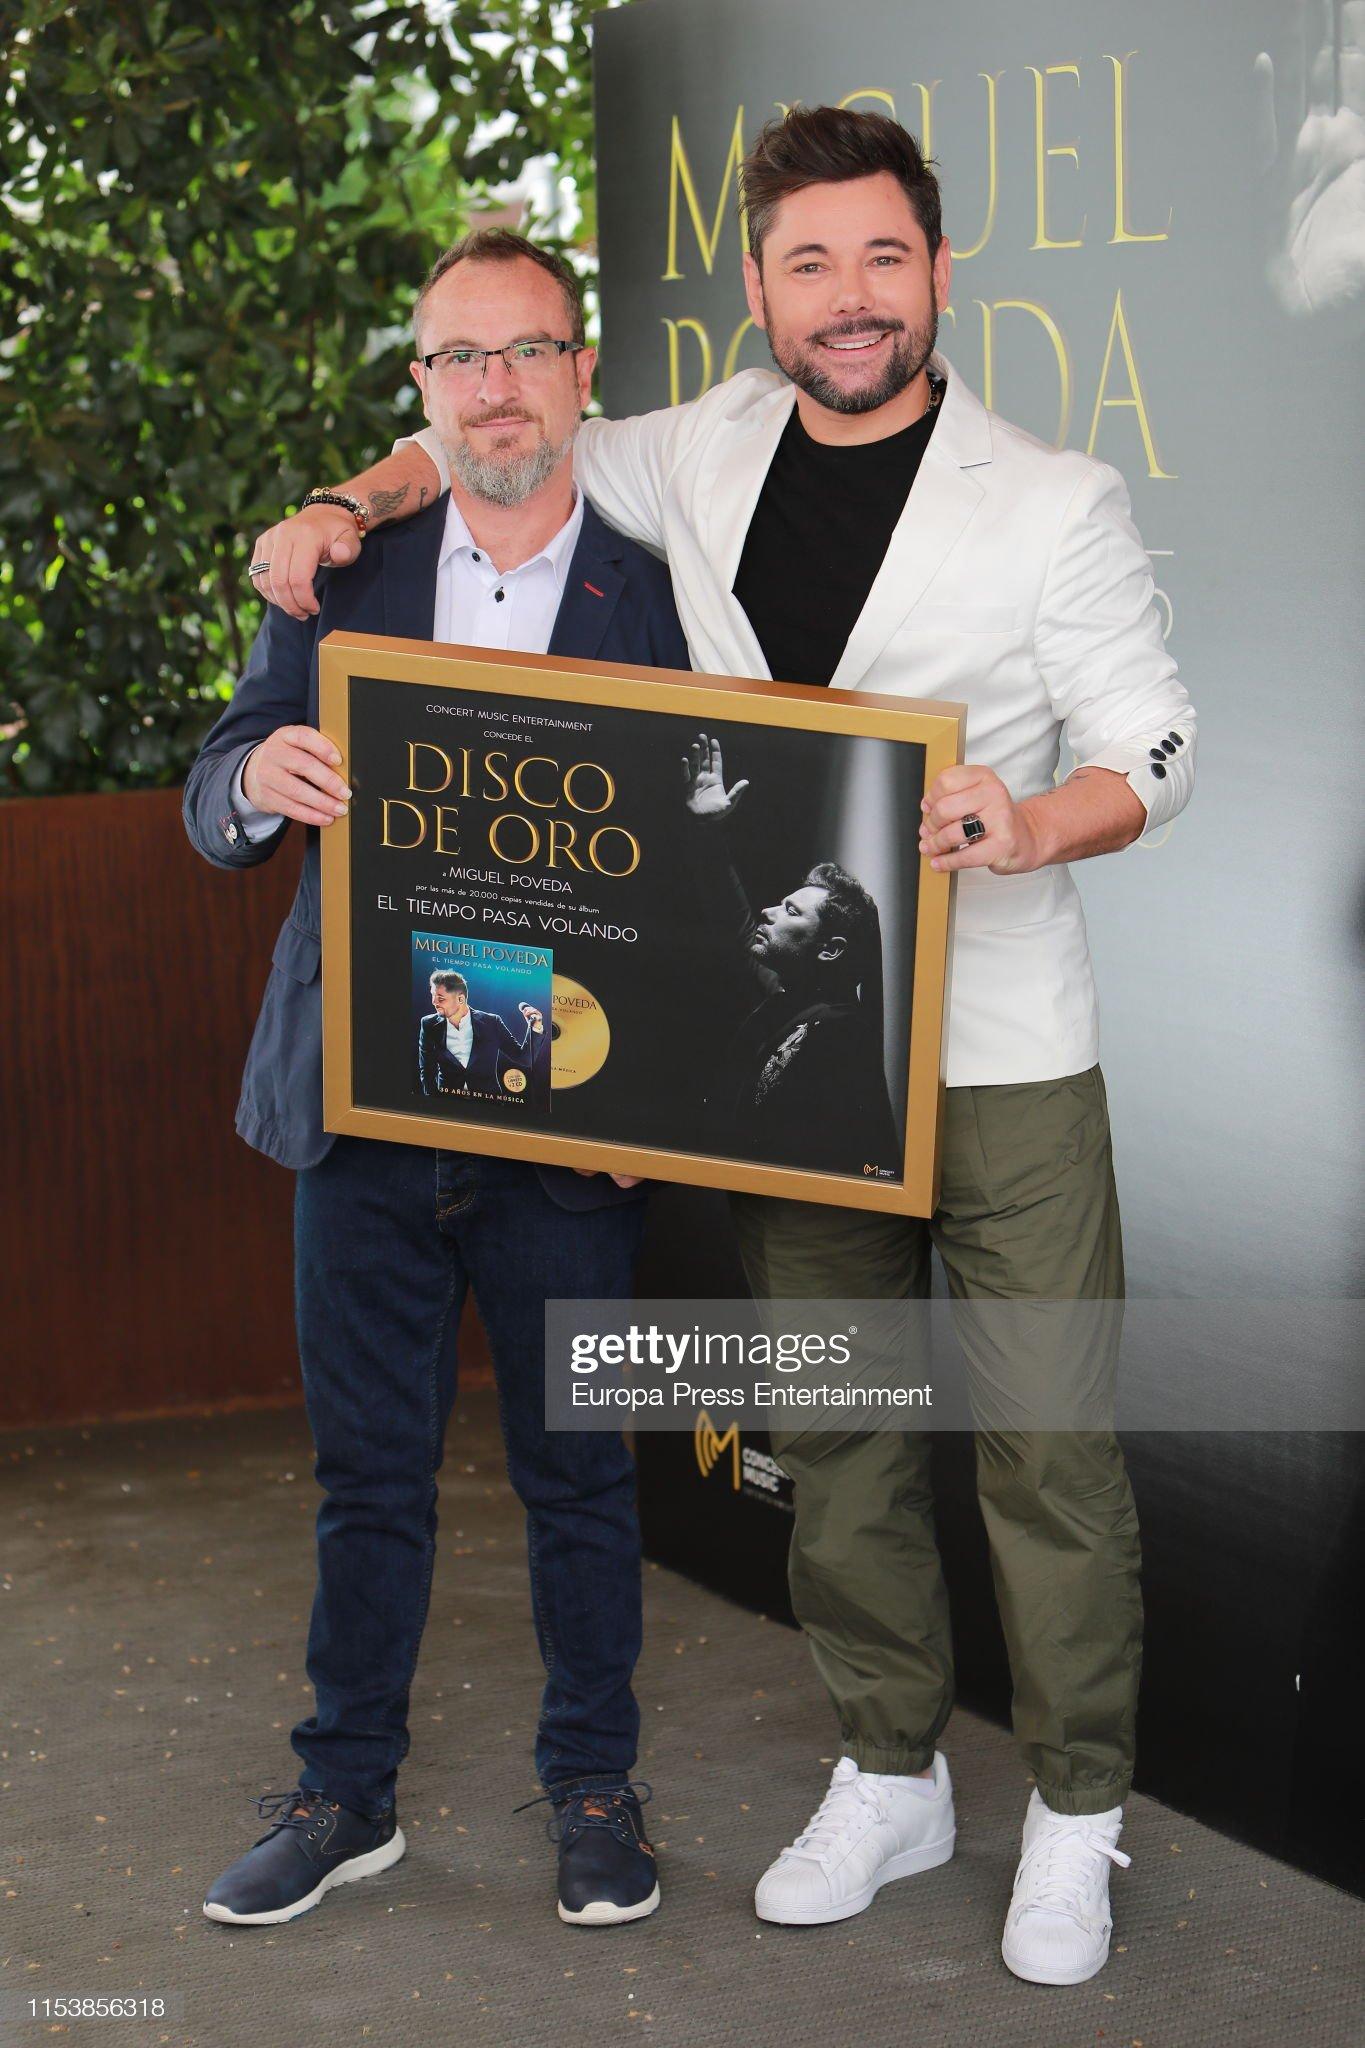 ¿Cuánto mide Miguel Poveda? - Altura Miguel-poveda-receives-a-gold-record-for-his-album-el-tiempo-pasa-on-picture-id1153856318?s=2048x2048